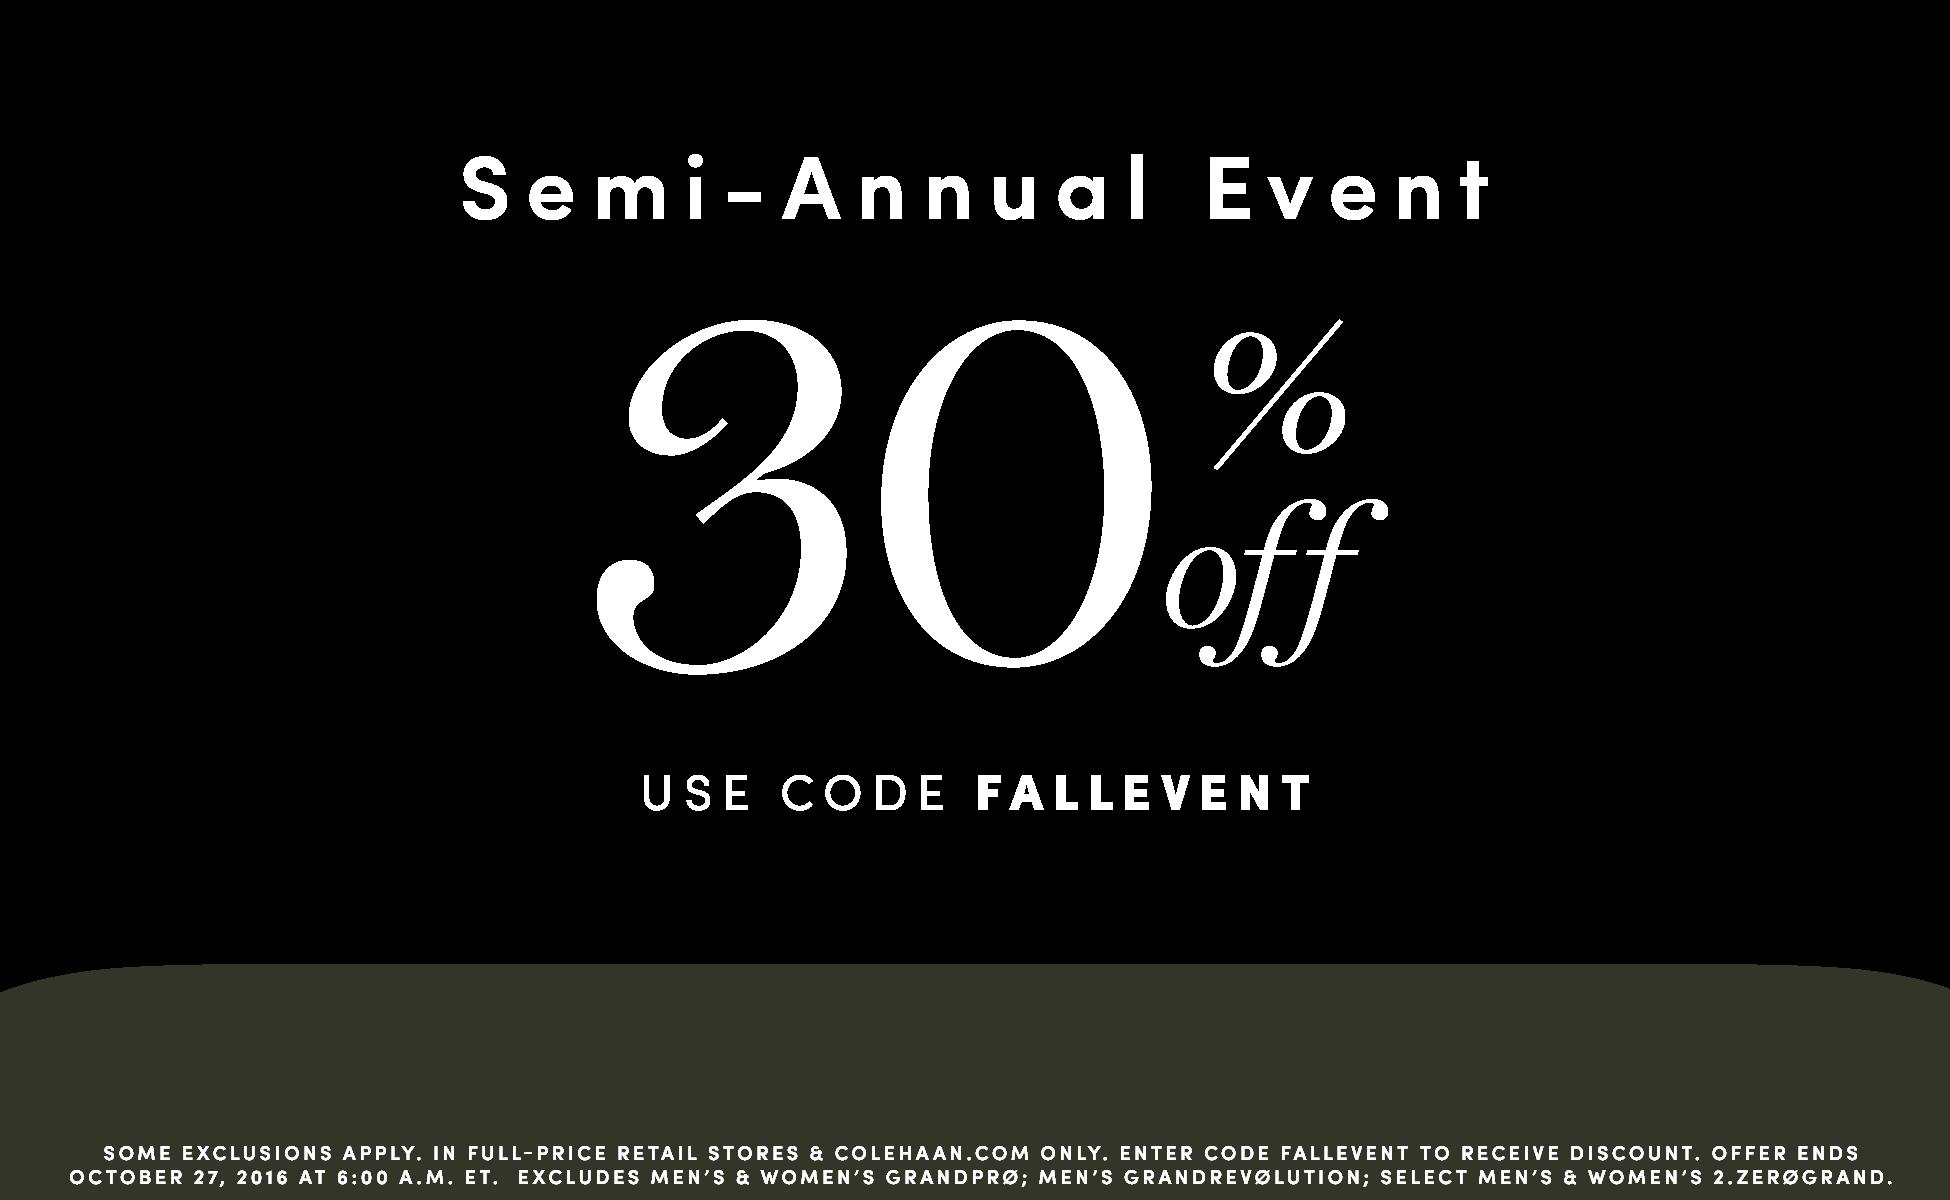 SEMI-ANNUAL EVENT - 30% OFF